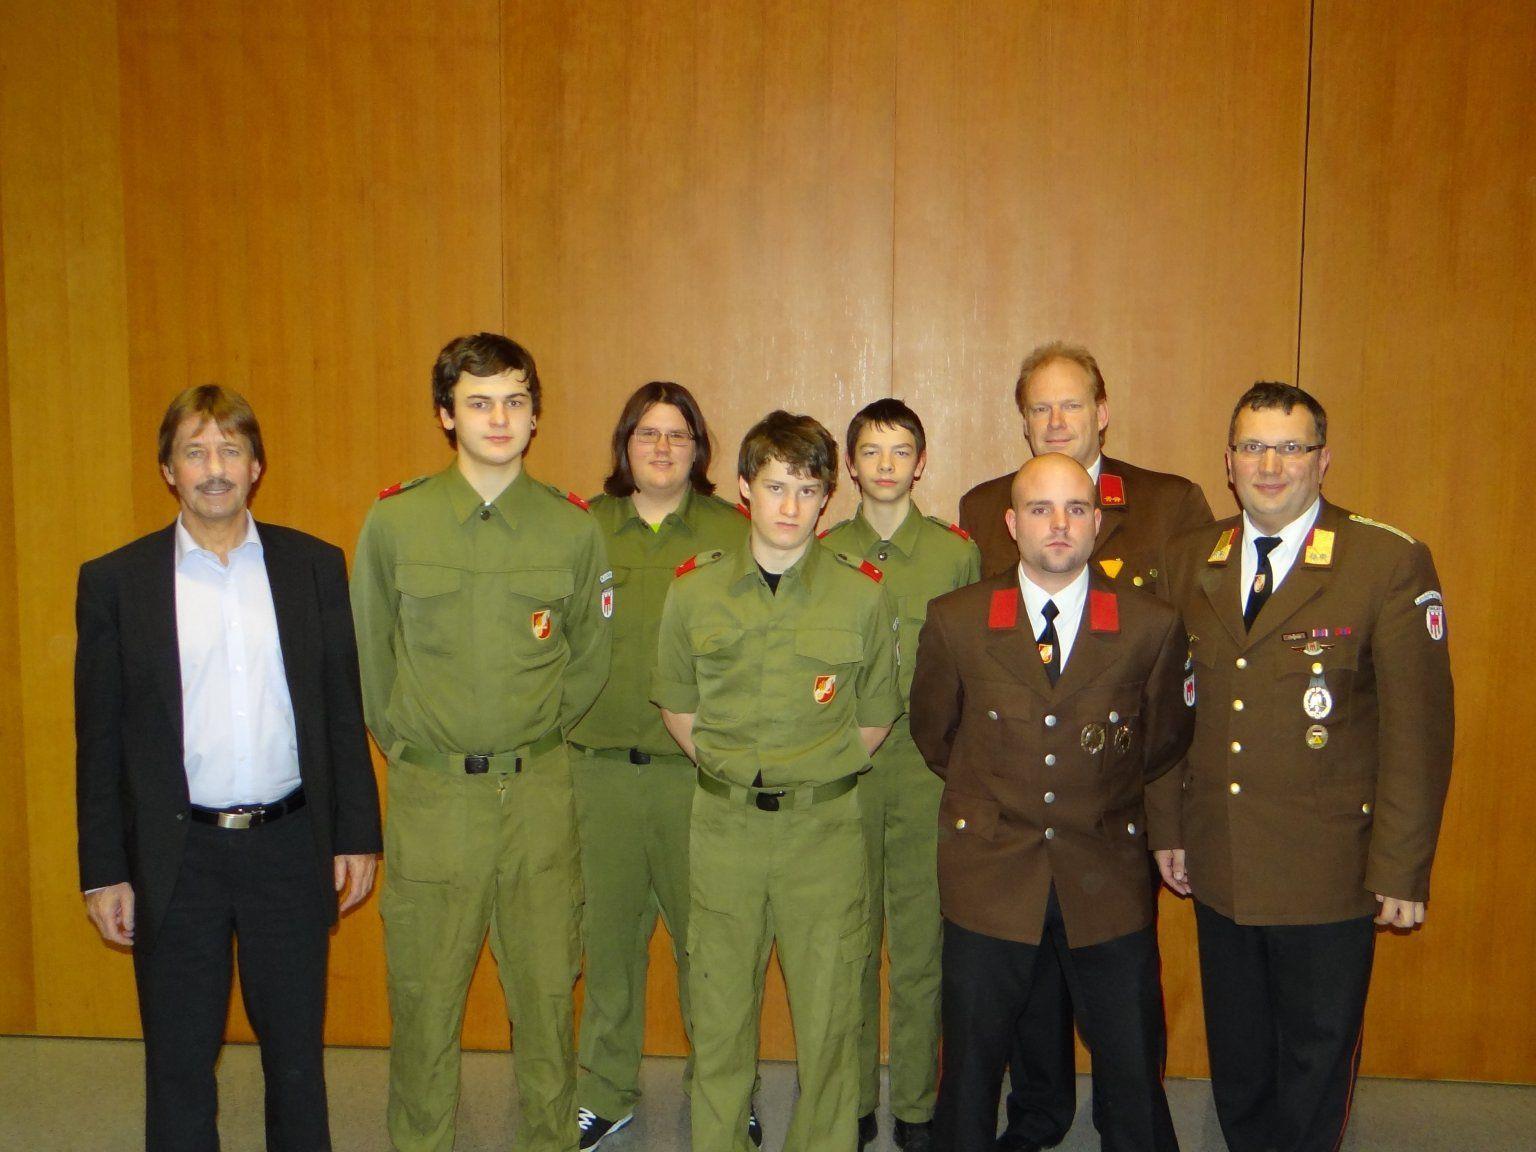 Die neu aufgenommenen Feuerwehrler mit Bgm. Maierhofer, Kdt. Wolfgang Huber und Stv. Jürgen Amann.